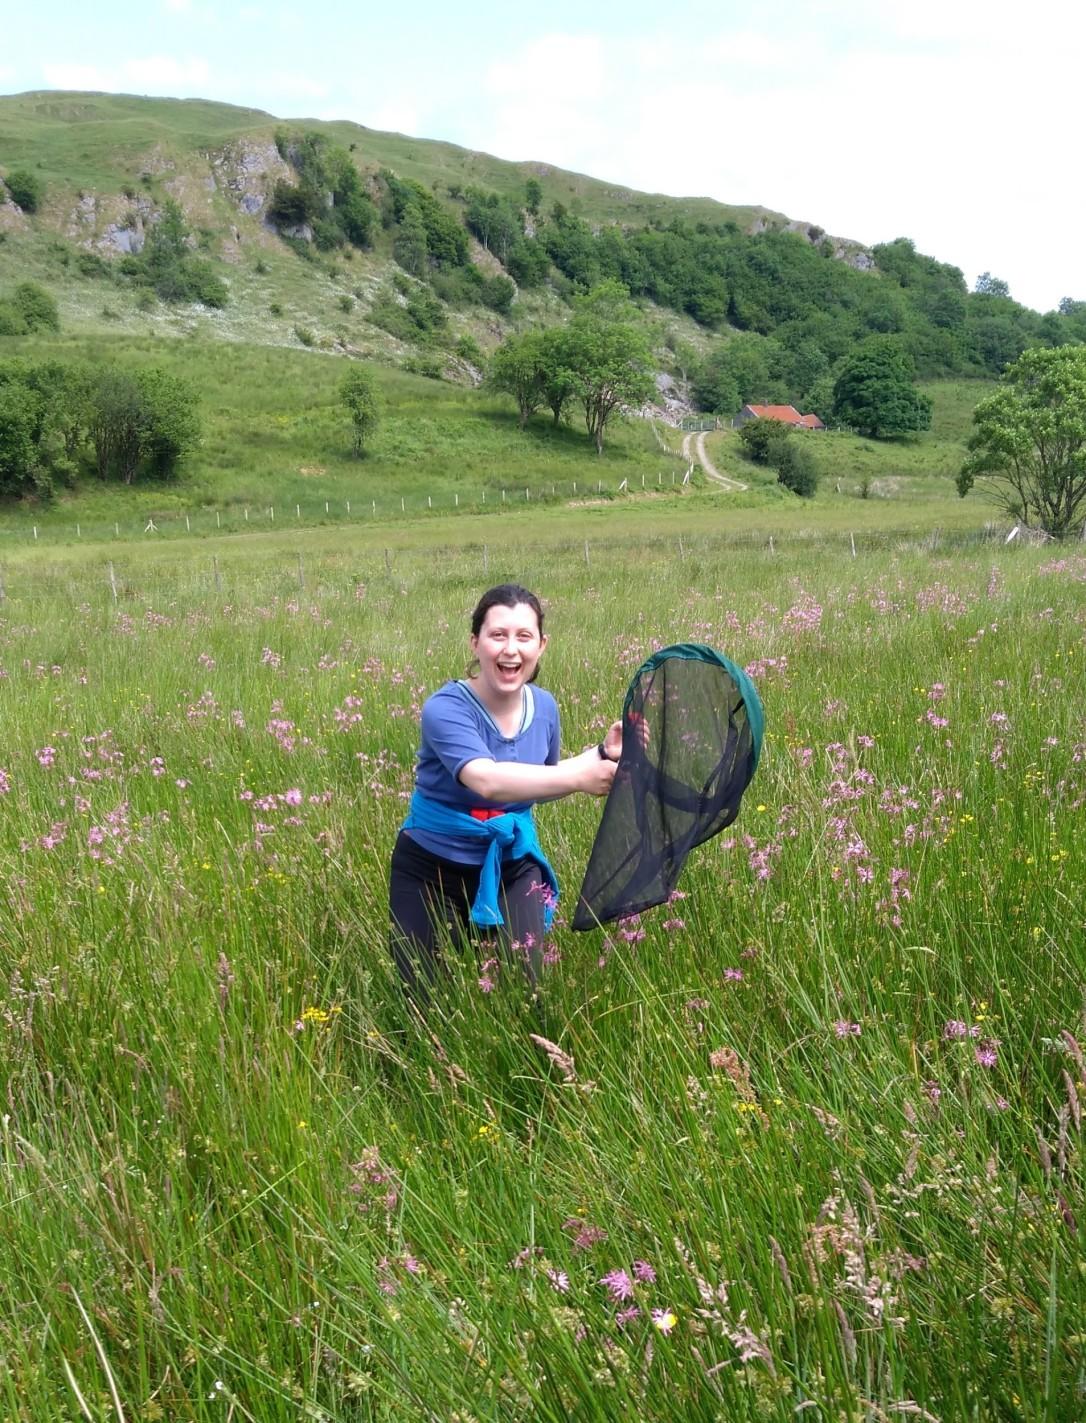 In a meadow near Monawilkin Lake, Derrygonnelly, Co. Fermanagh